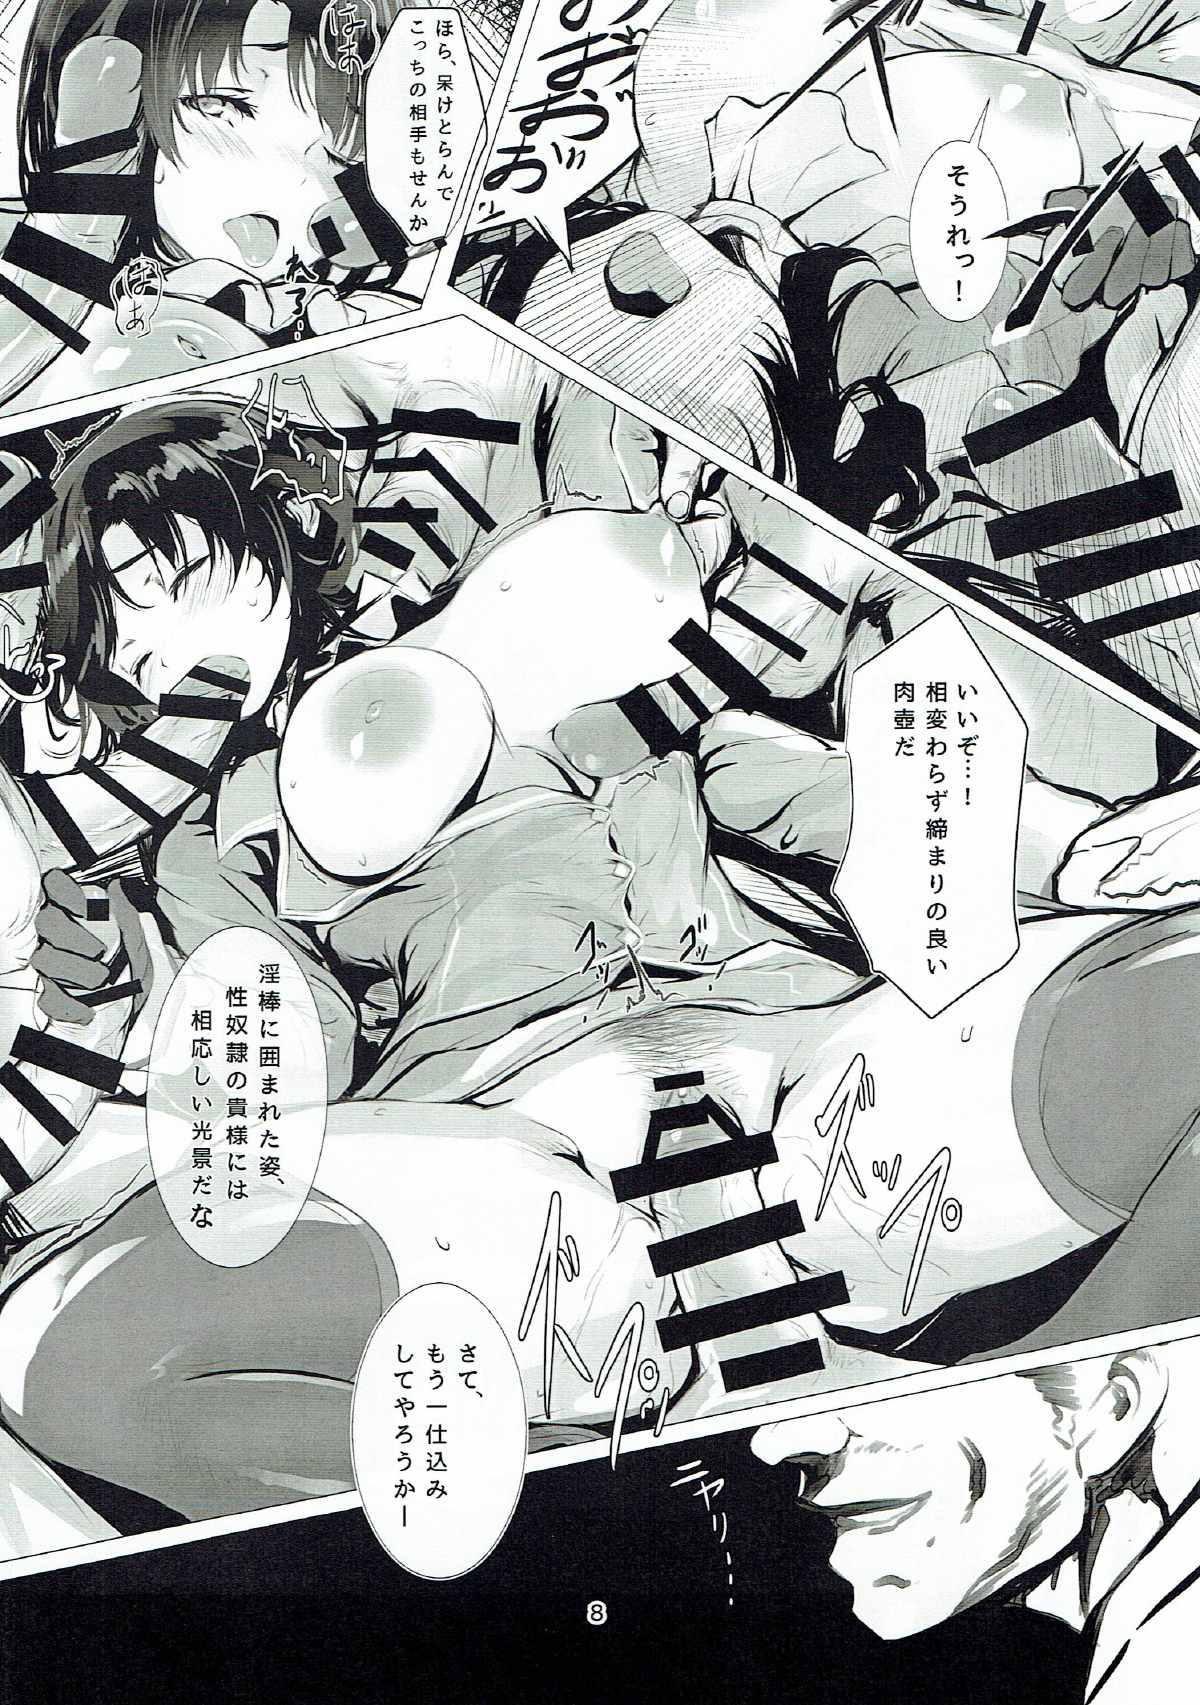 【エロ漫画】こんなに他の男たちのチンポ咥えてるのに一途っぽく何故考えられるのか・・・マン思考は分からんわ・・・